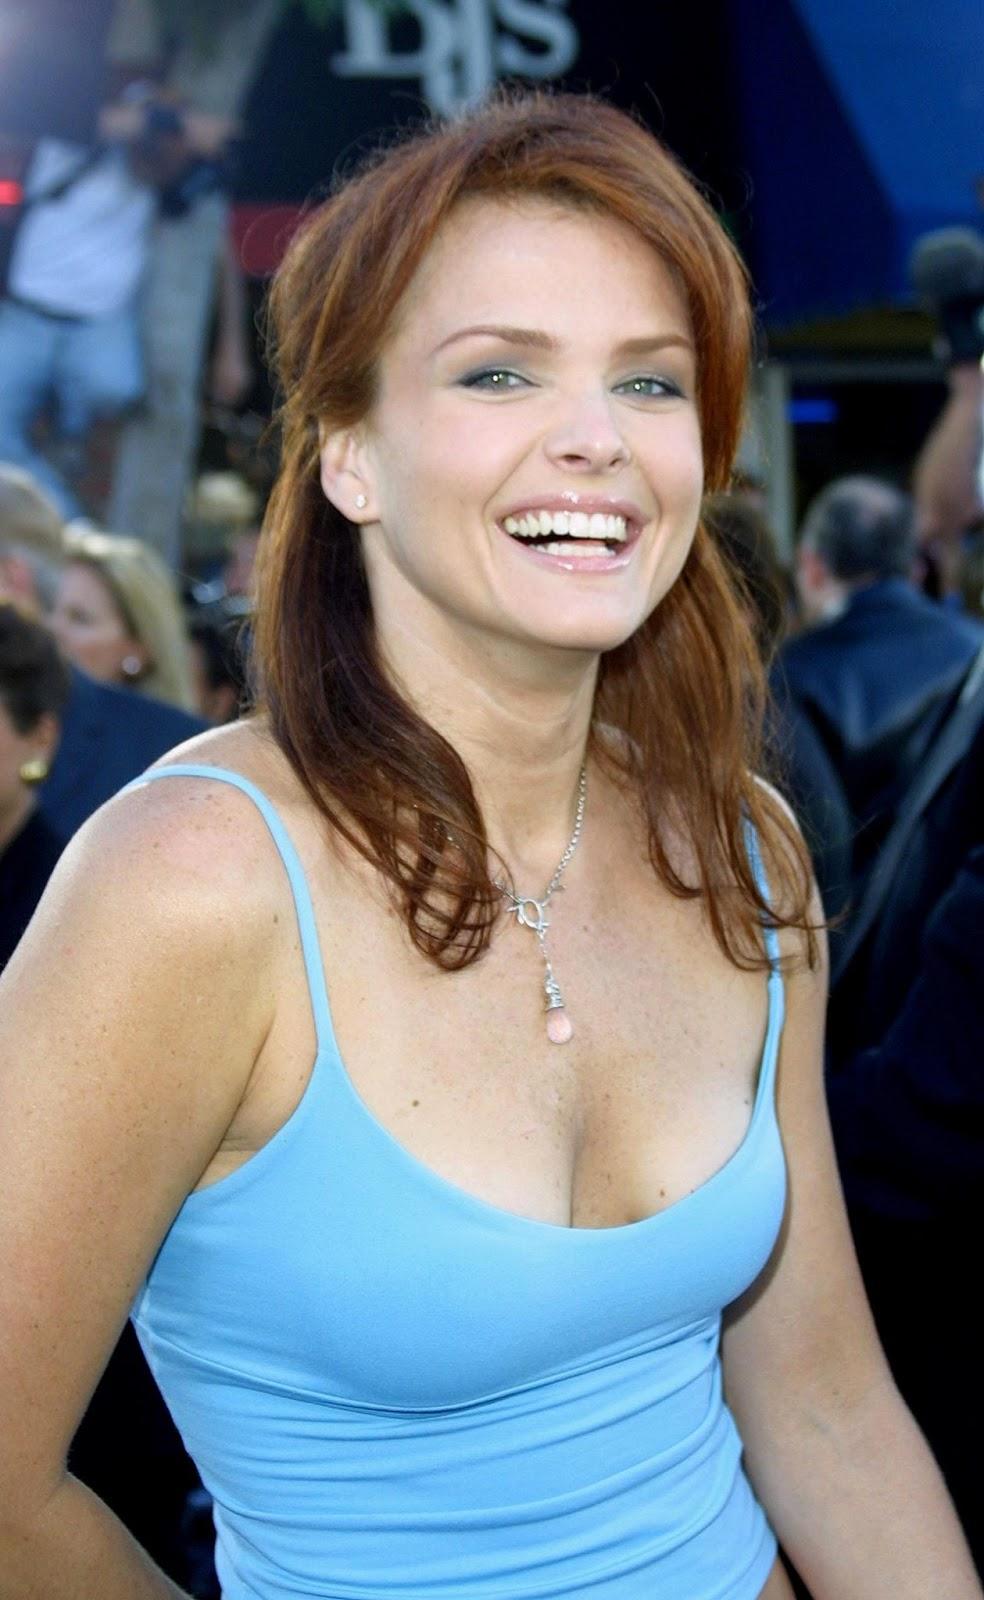 A Look at Super Duper Sexy Actress Dina Meyer